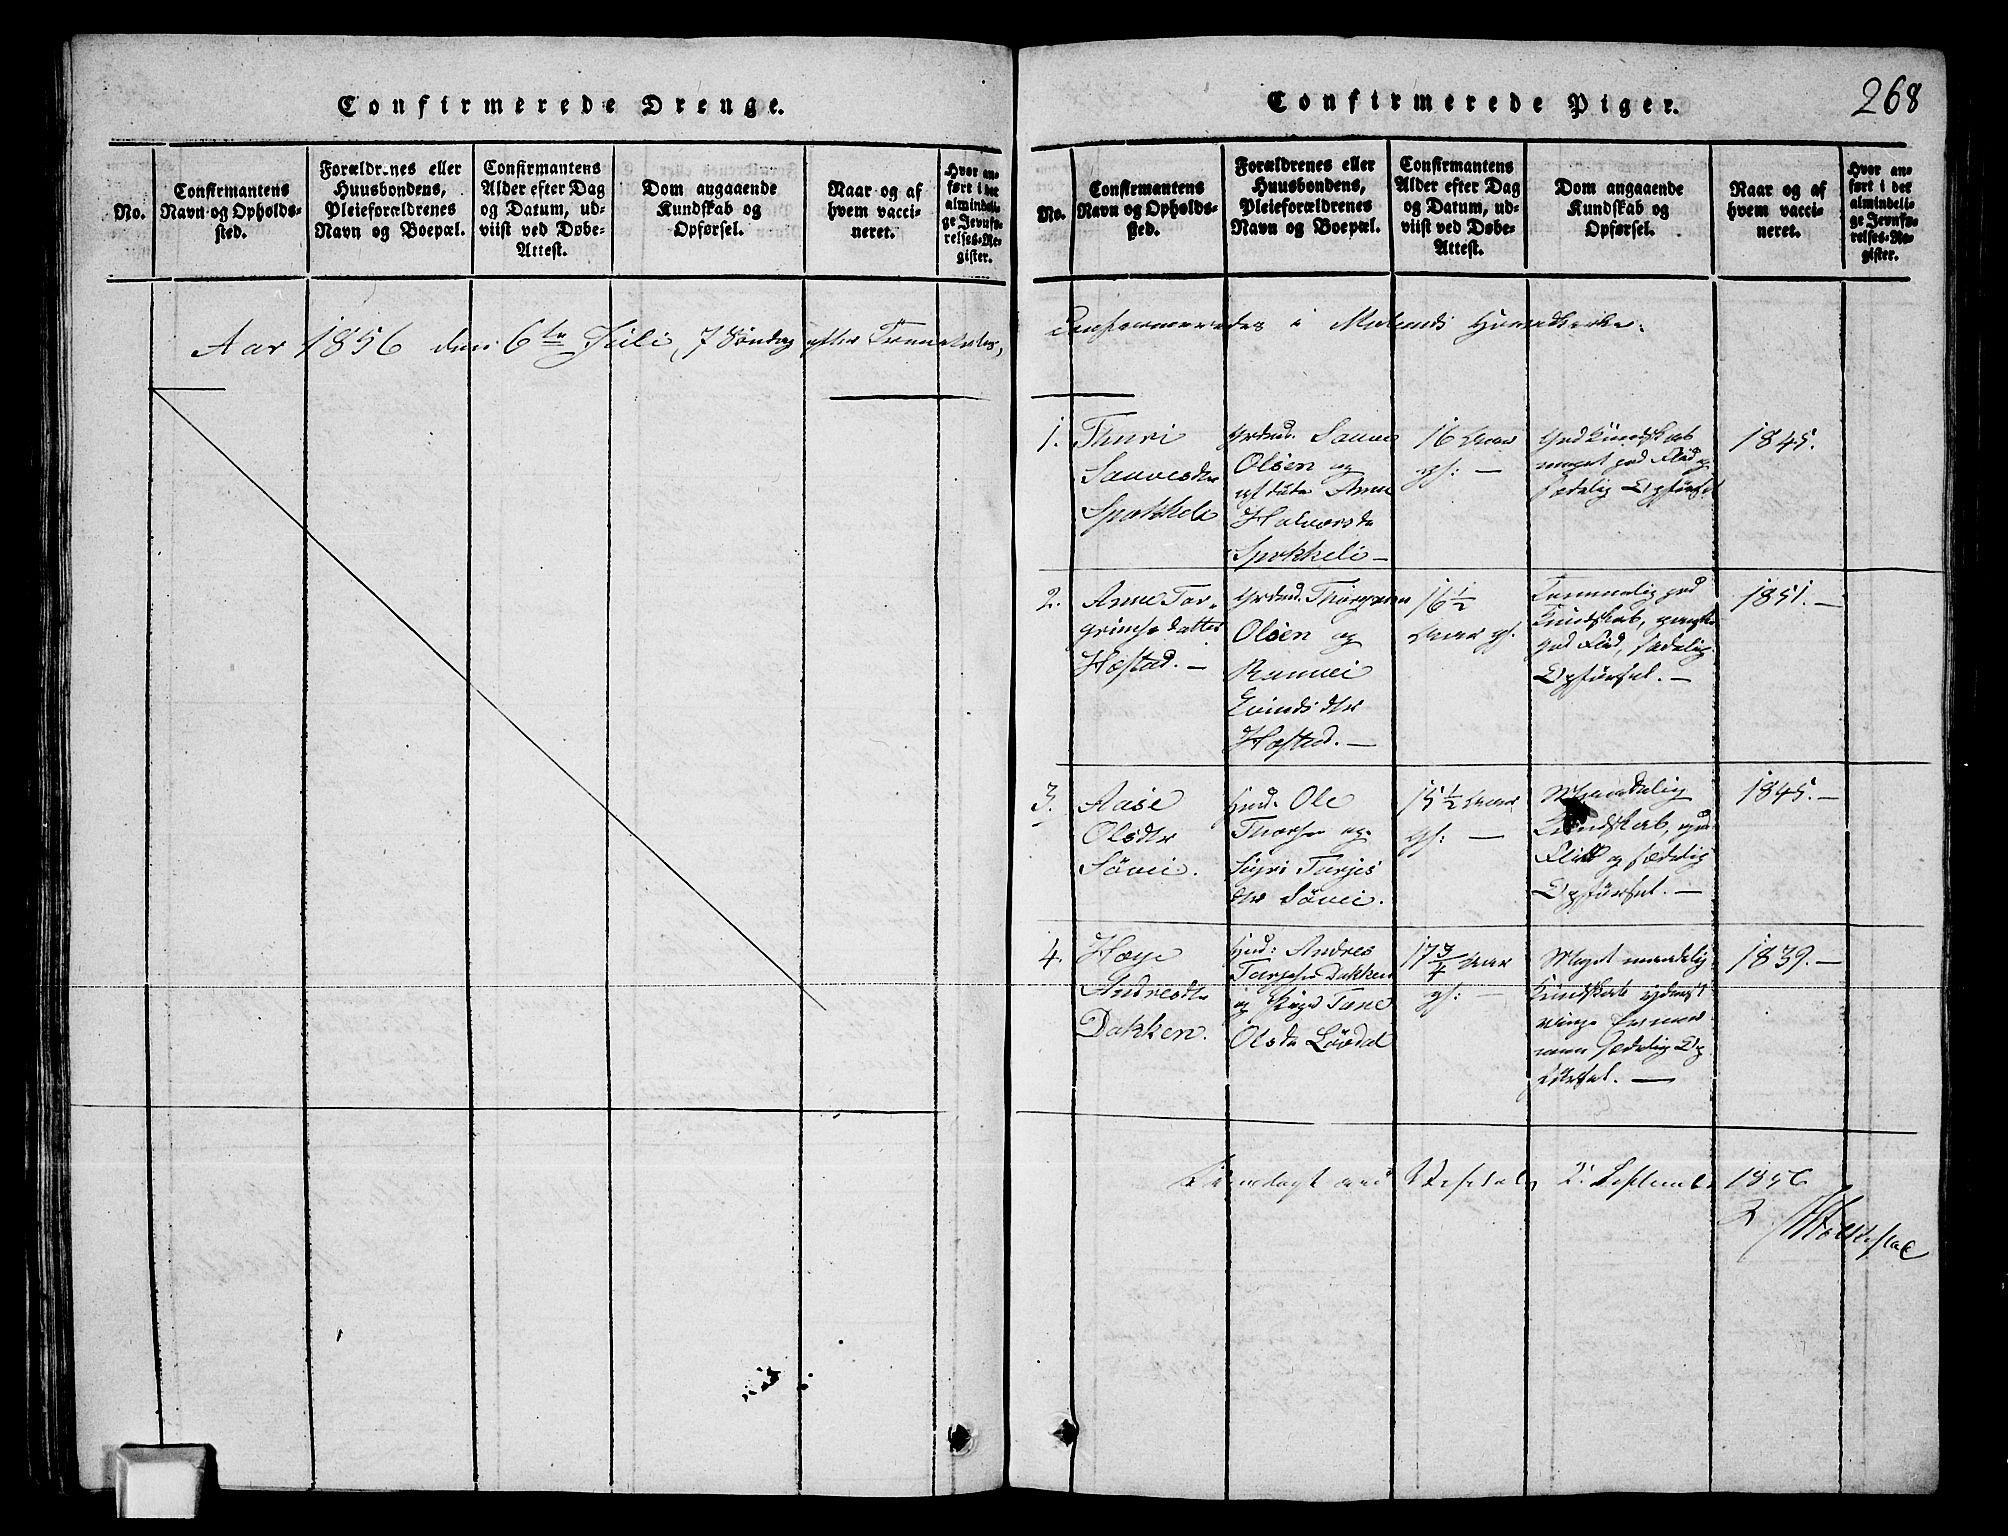 SAKO, Fyresdal kirkebøker, G/Ga/L0003: Klokkerbok nr. I 3, 1815-1863, s. 268